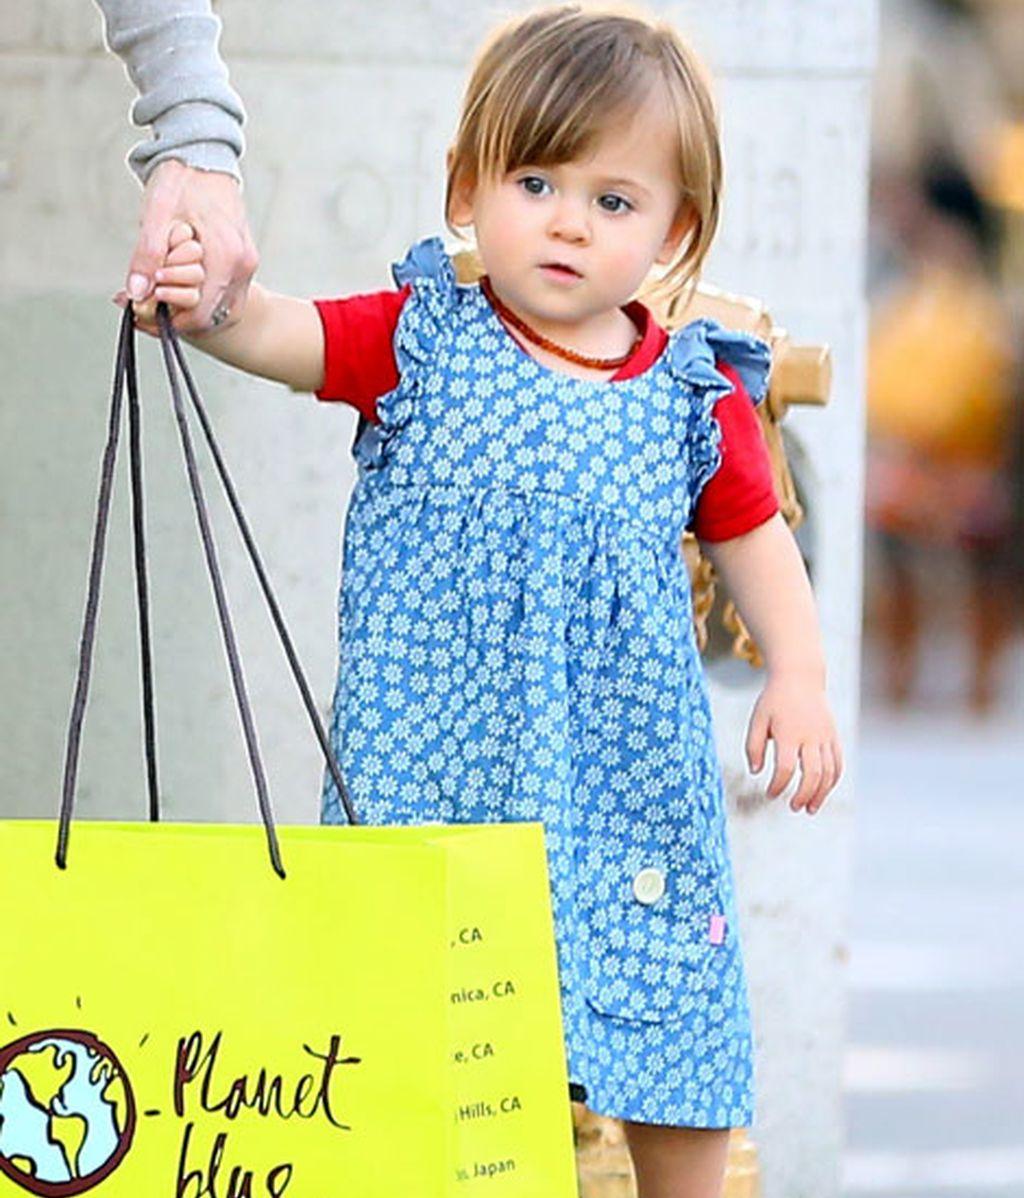 Paseo, tiendas y últimos detalles antes de los pequeños